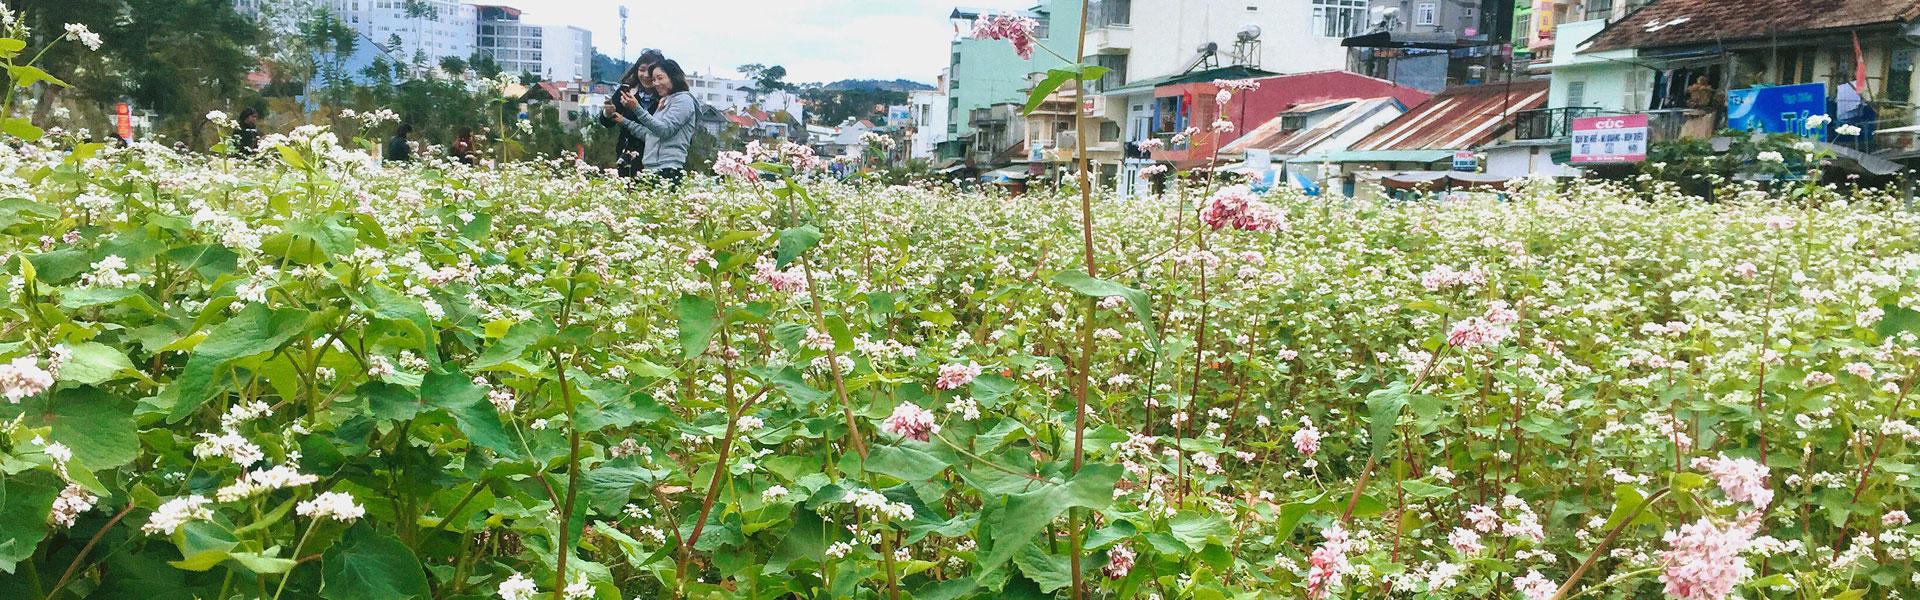 Check in cánh đồng hoa tam giác mạch đang nở rộ tại Lâm Đồng